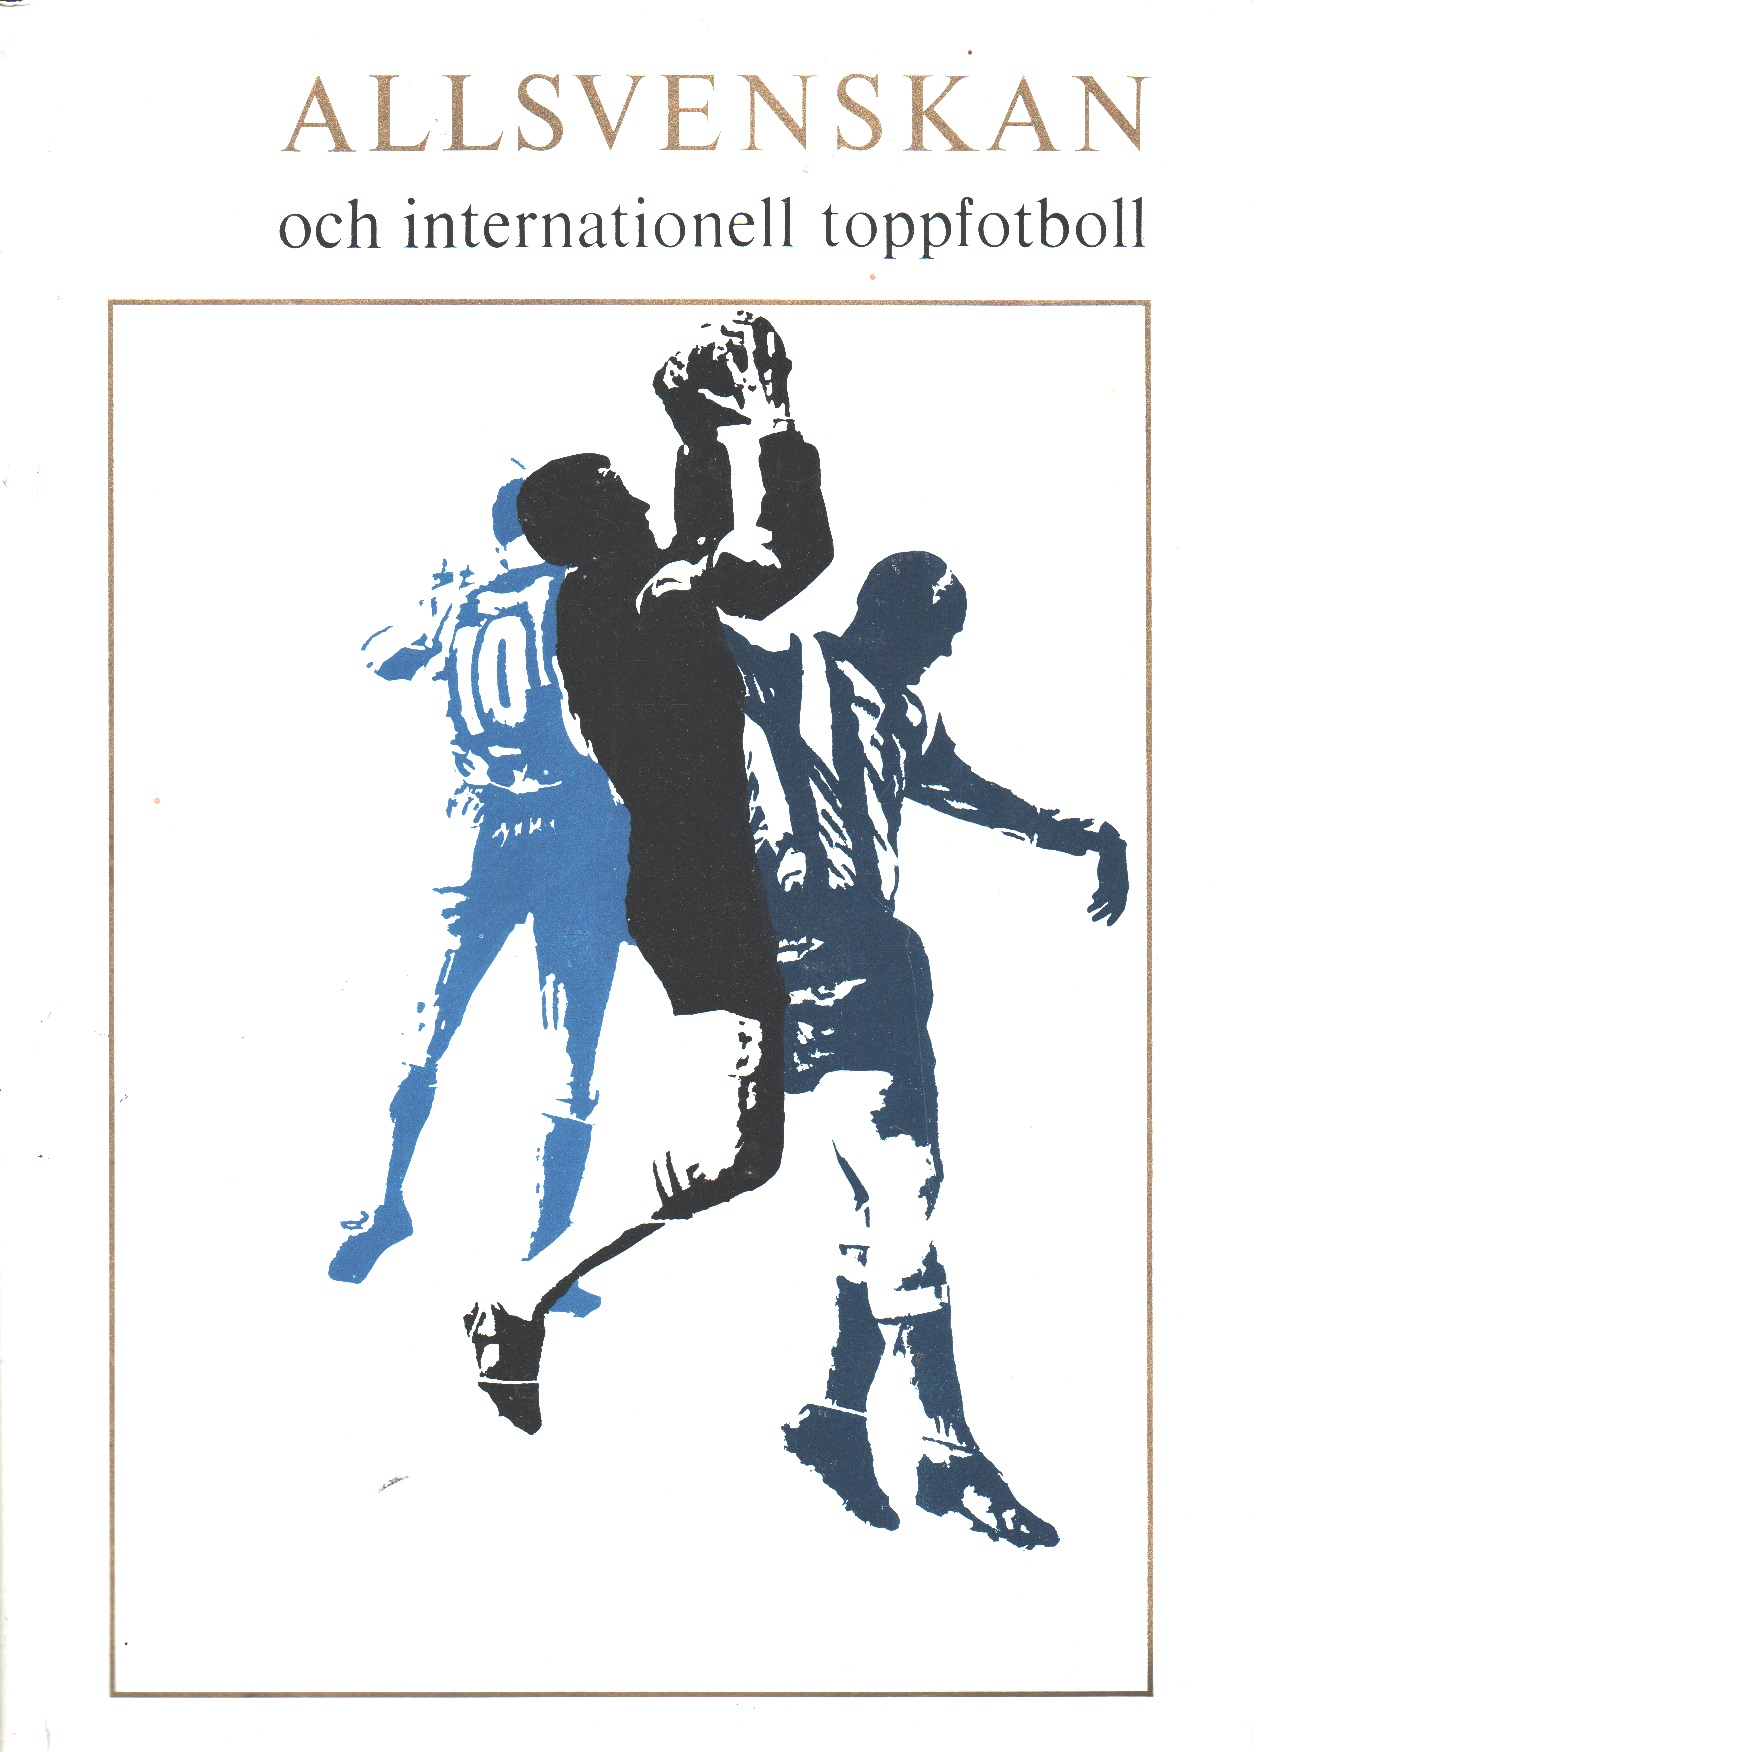 Allsvenskan och internationell toppfotboll. 1965 - Red.